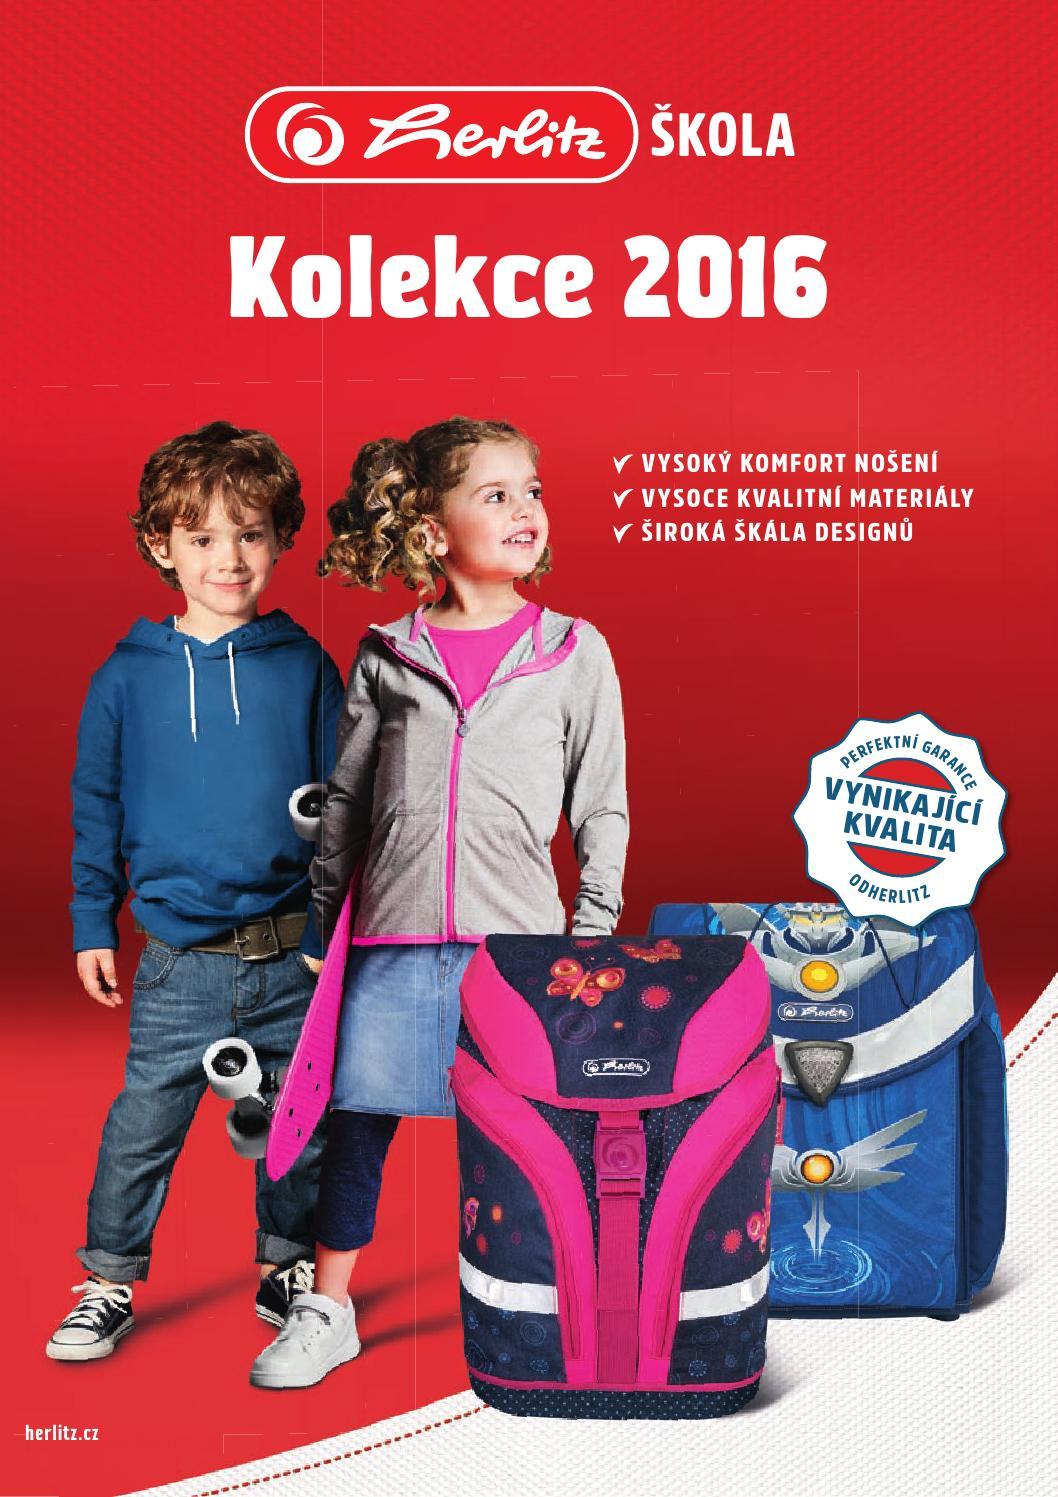 beb0a249412 Herlitz Školní kolekce 2016 by Roman Lettl - issuu